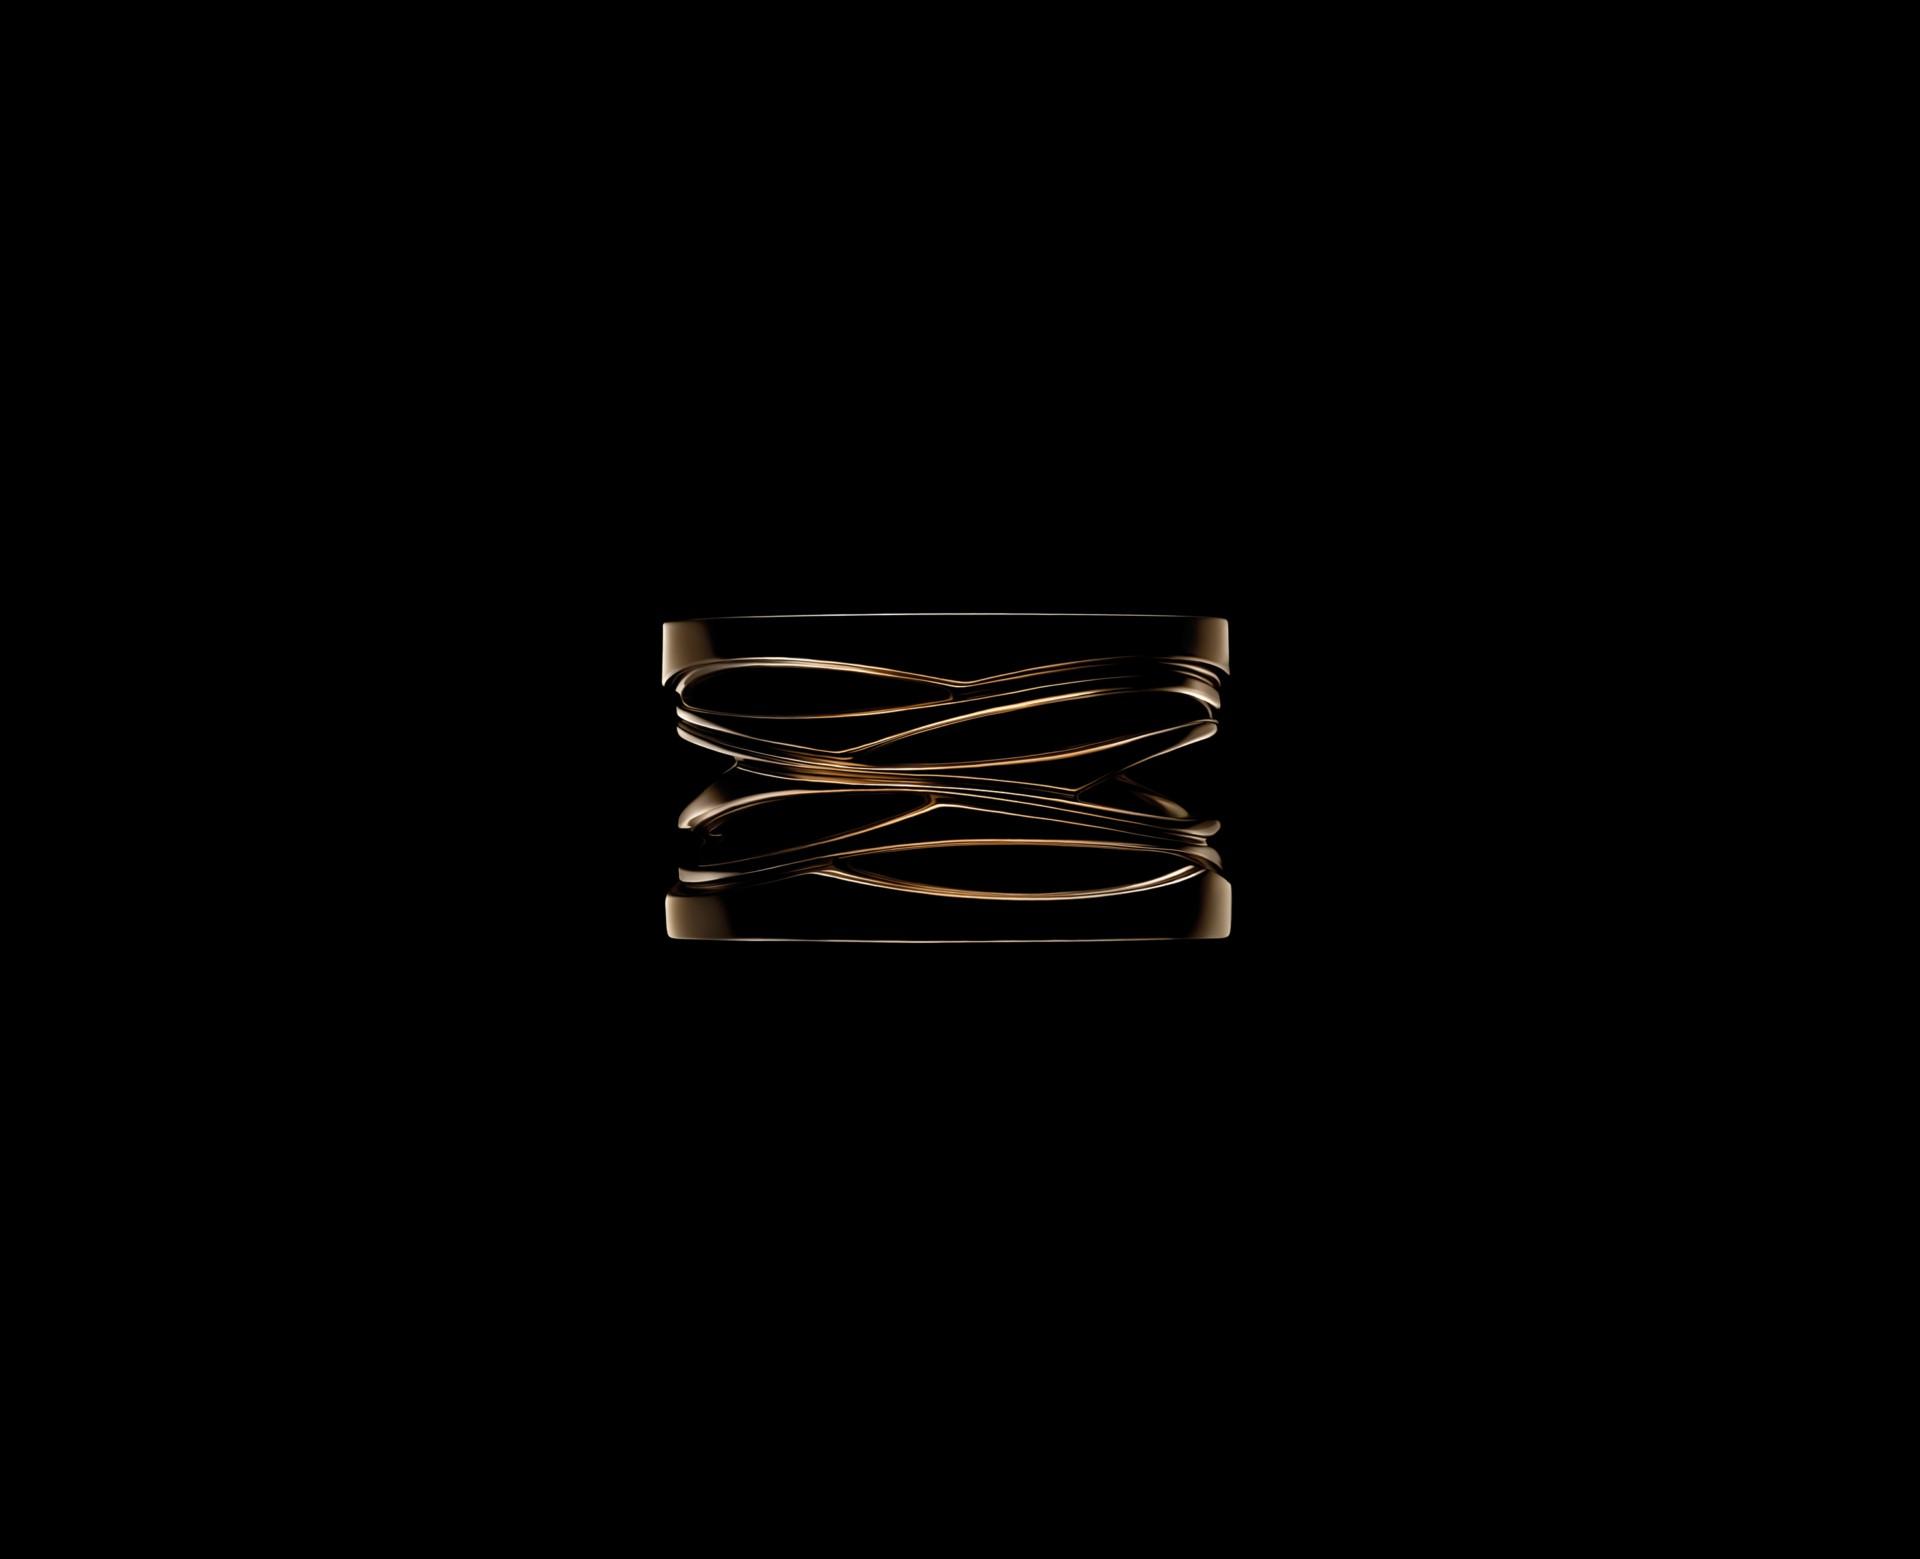 B.zero1 Design Legend der Ring nach dem Entwurf von Zaha Hadid